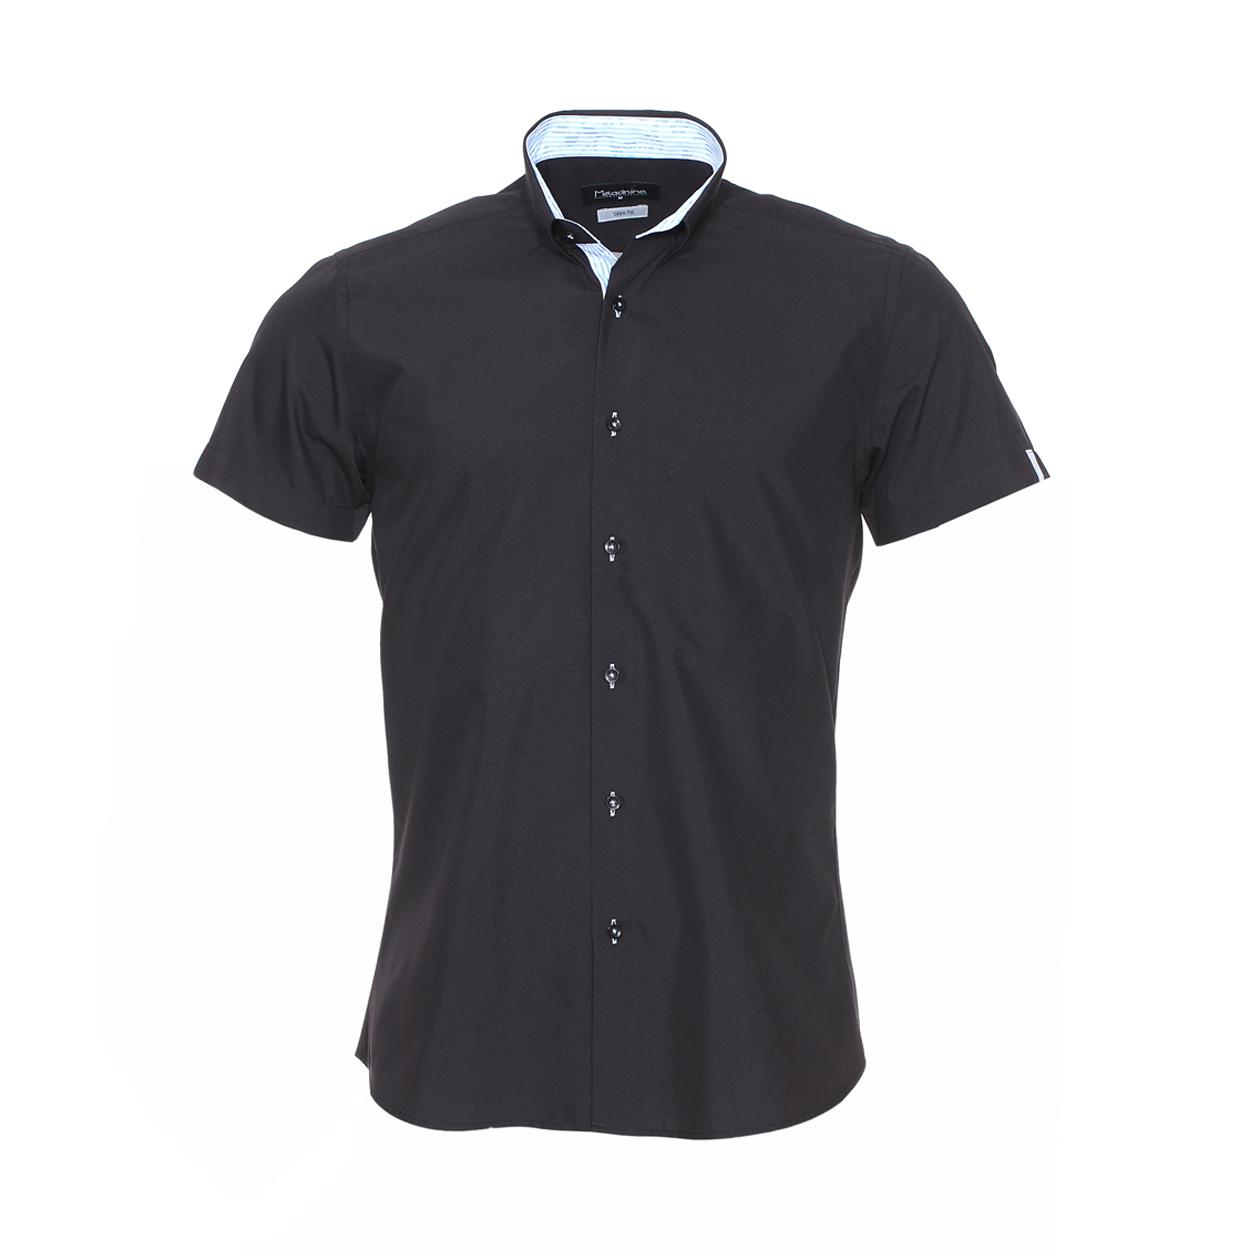 Chemise cintrée manches courtes  noire à opposition à rayures